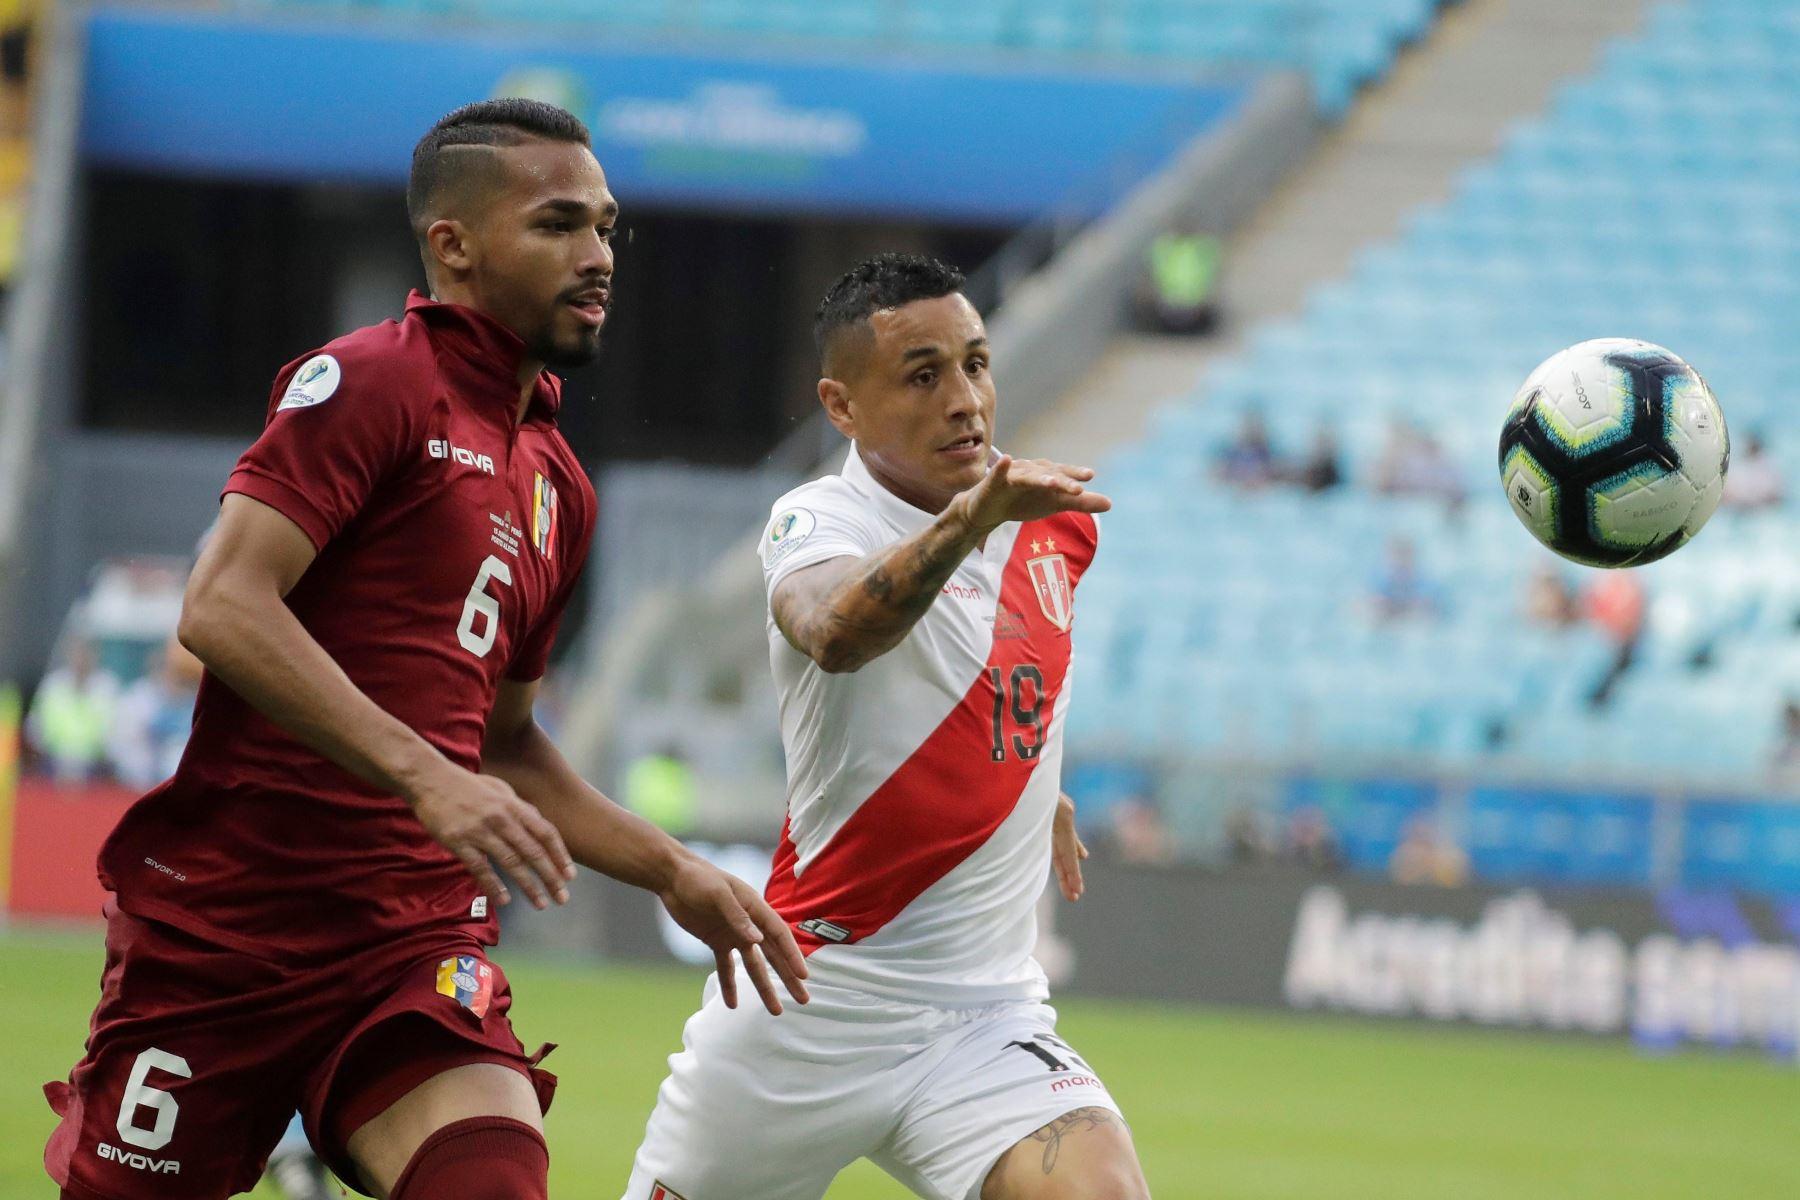 Víctor Yotún de Perú (d) disputa un balón con Yangel Herrera de Venezuela durante el partido Venezuela-Perú del Grupo A de la Copa América en Brasil. Foto:AFP